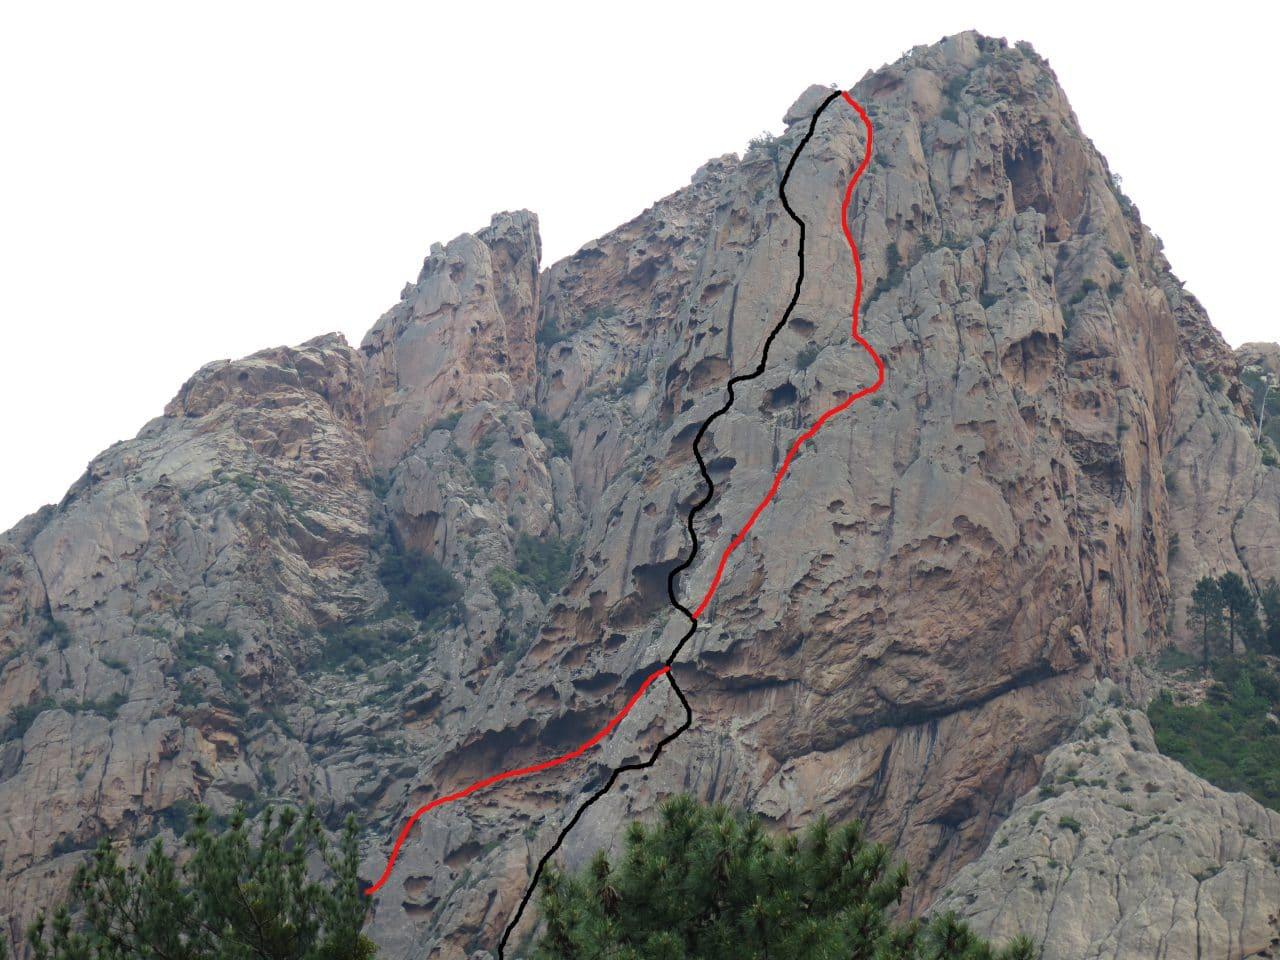 Topo-Omerta-UHaddad-Bavella-Escalade-Corse-Helyum-xavier-silvana-Carrard